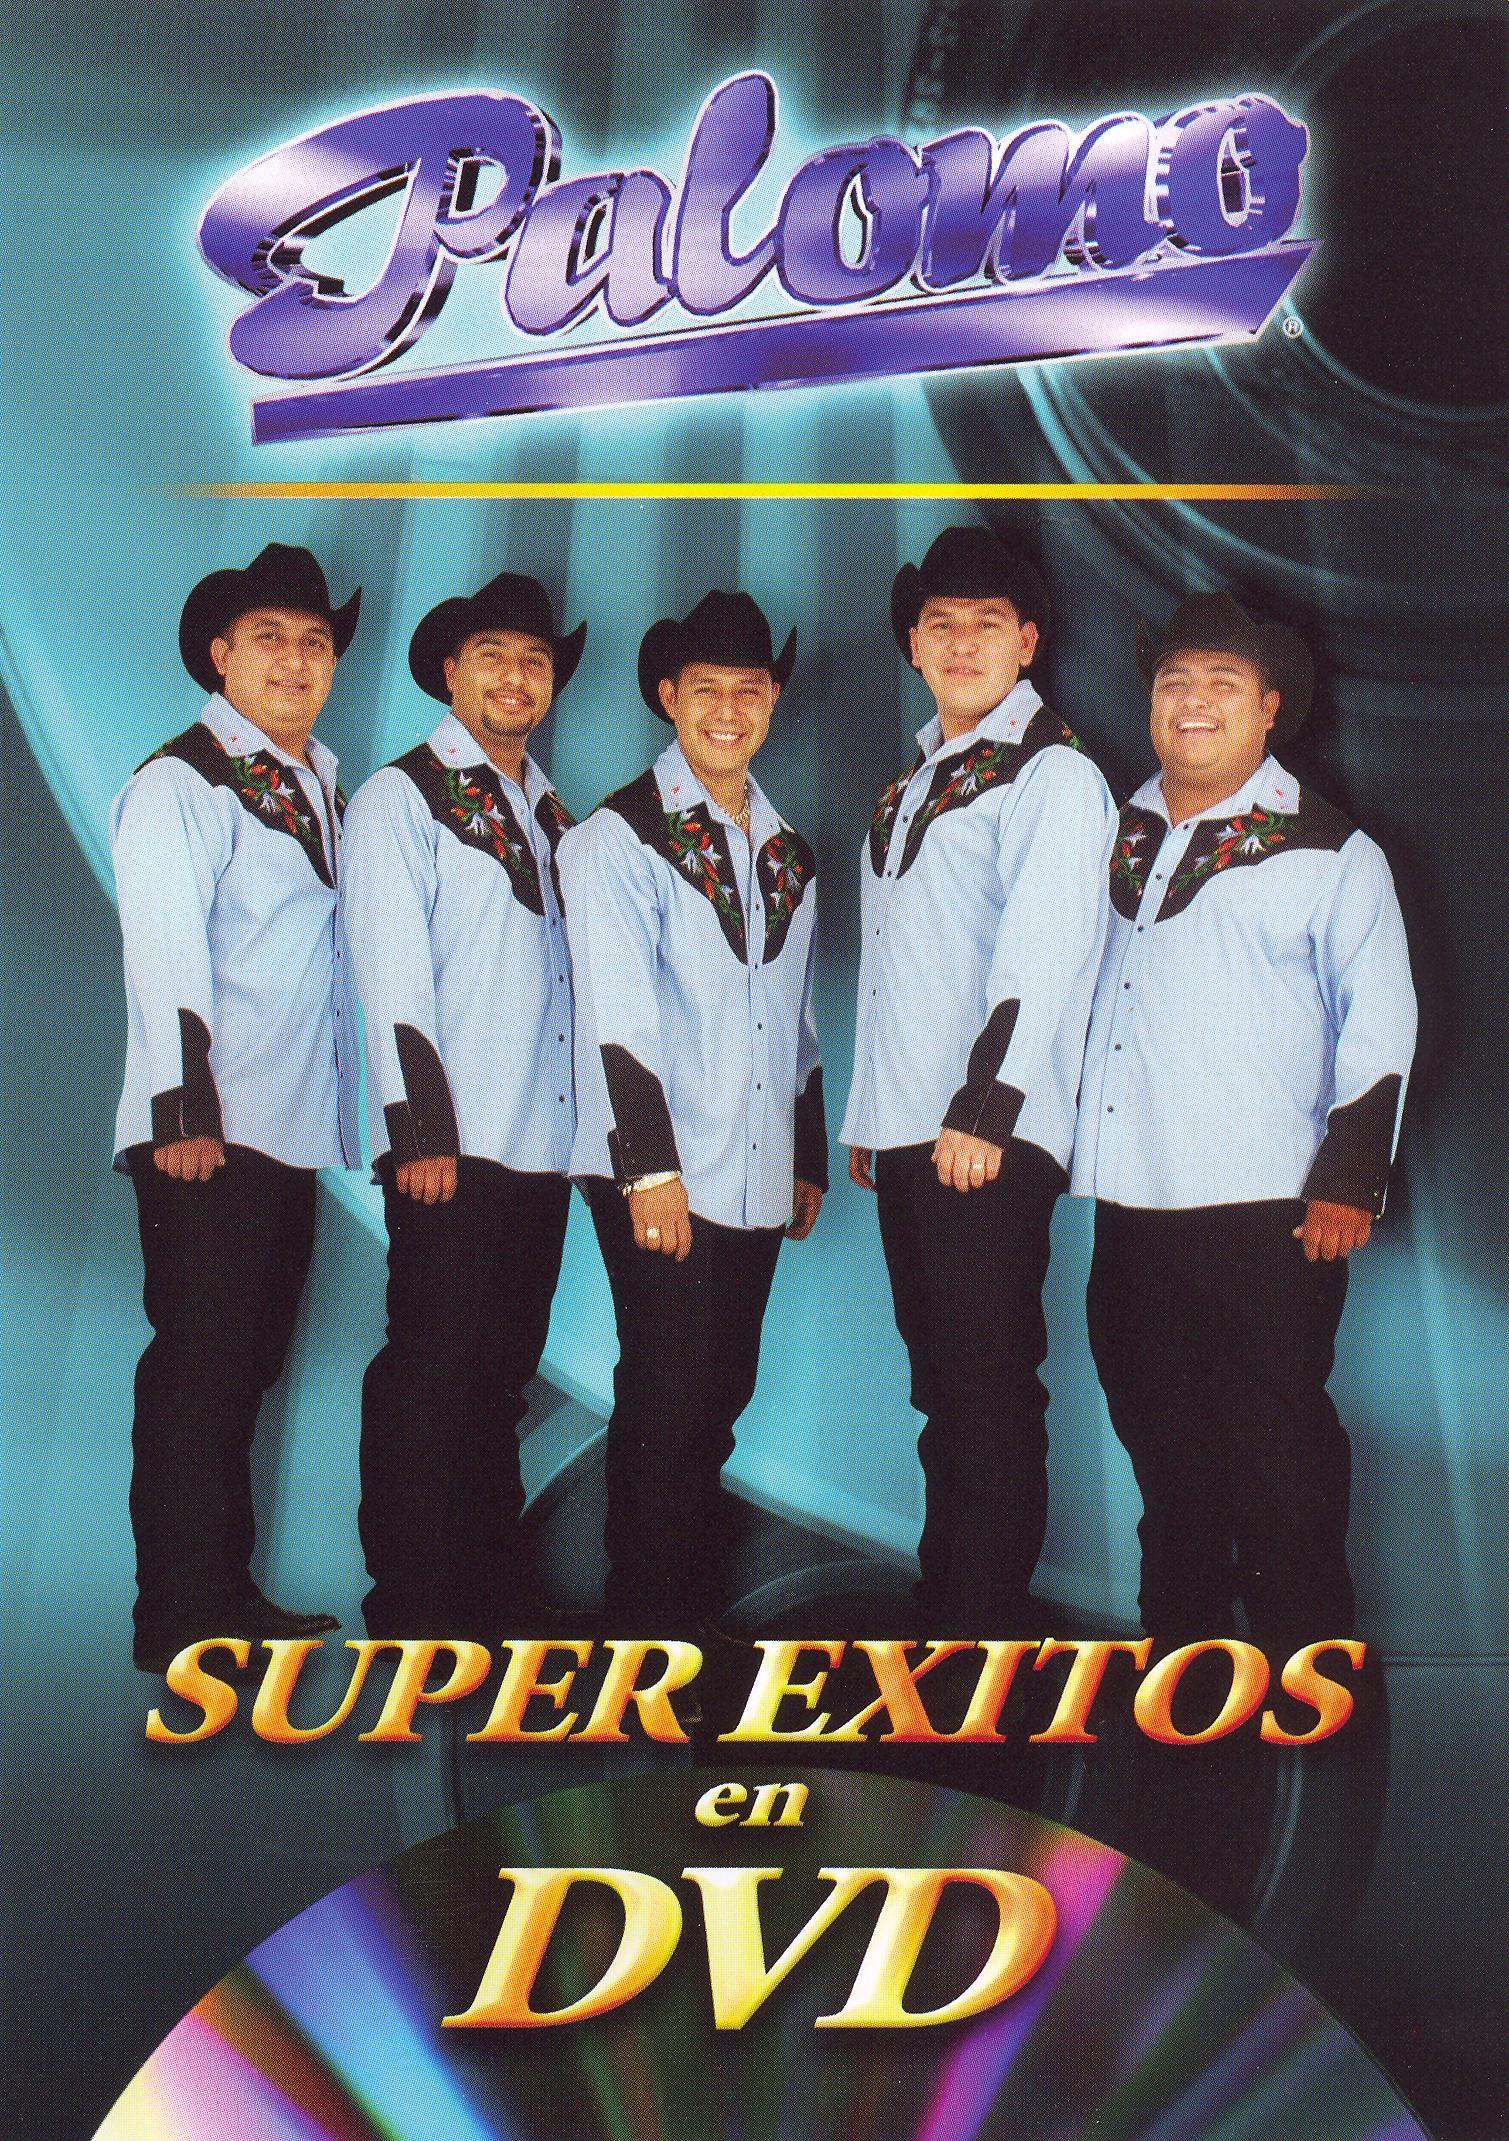 Palomo: Super Exitos en DVD